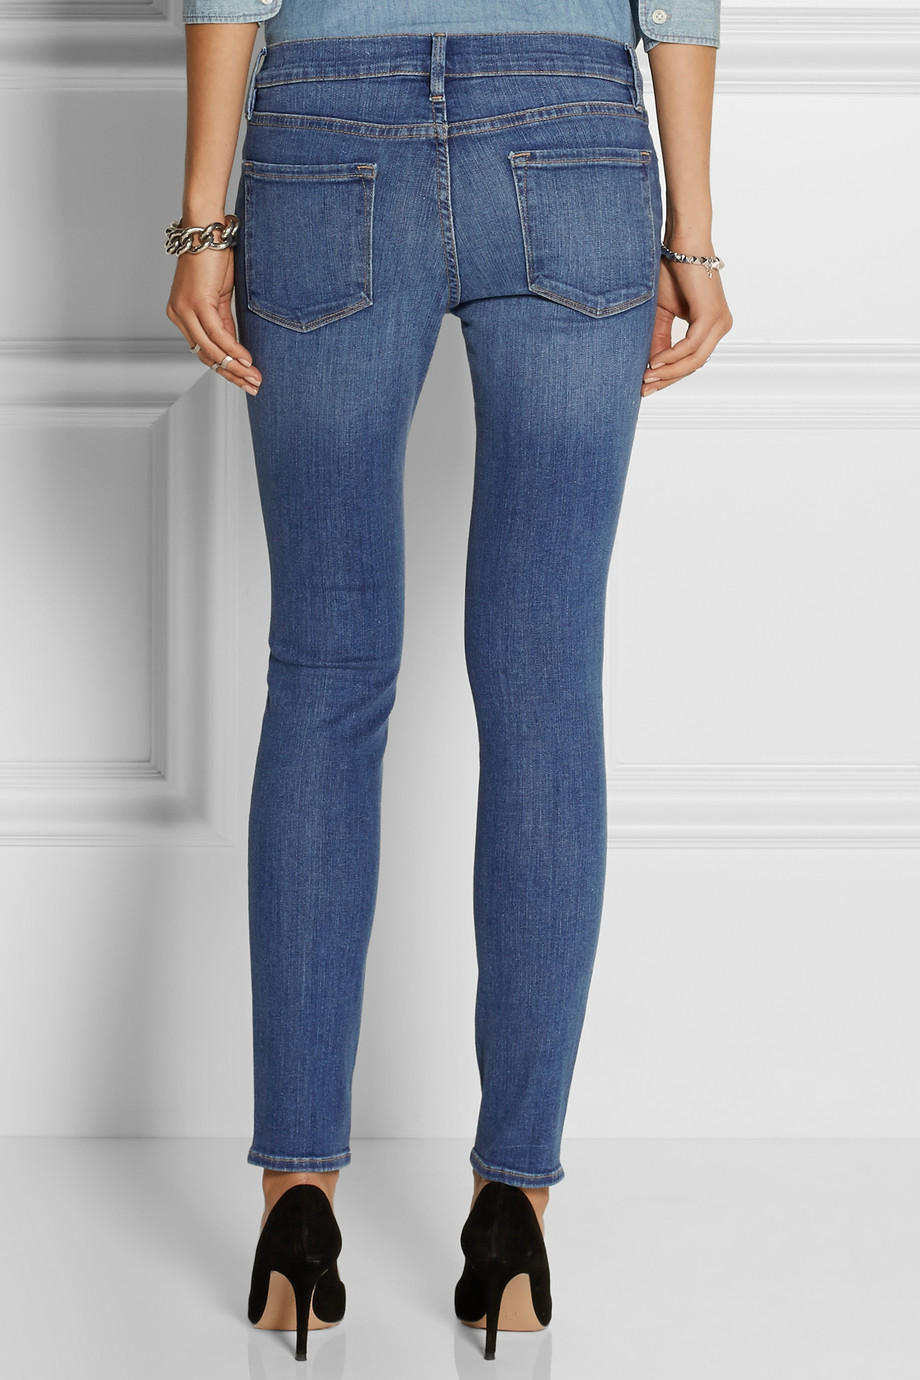 Perfekter Po dank Jeans: Kleiner, grer oder knackiger